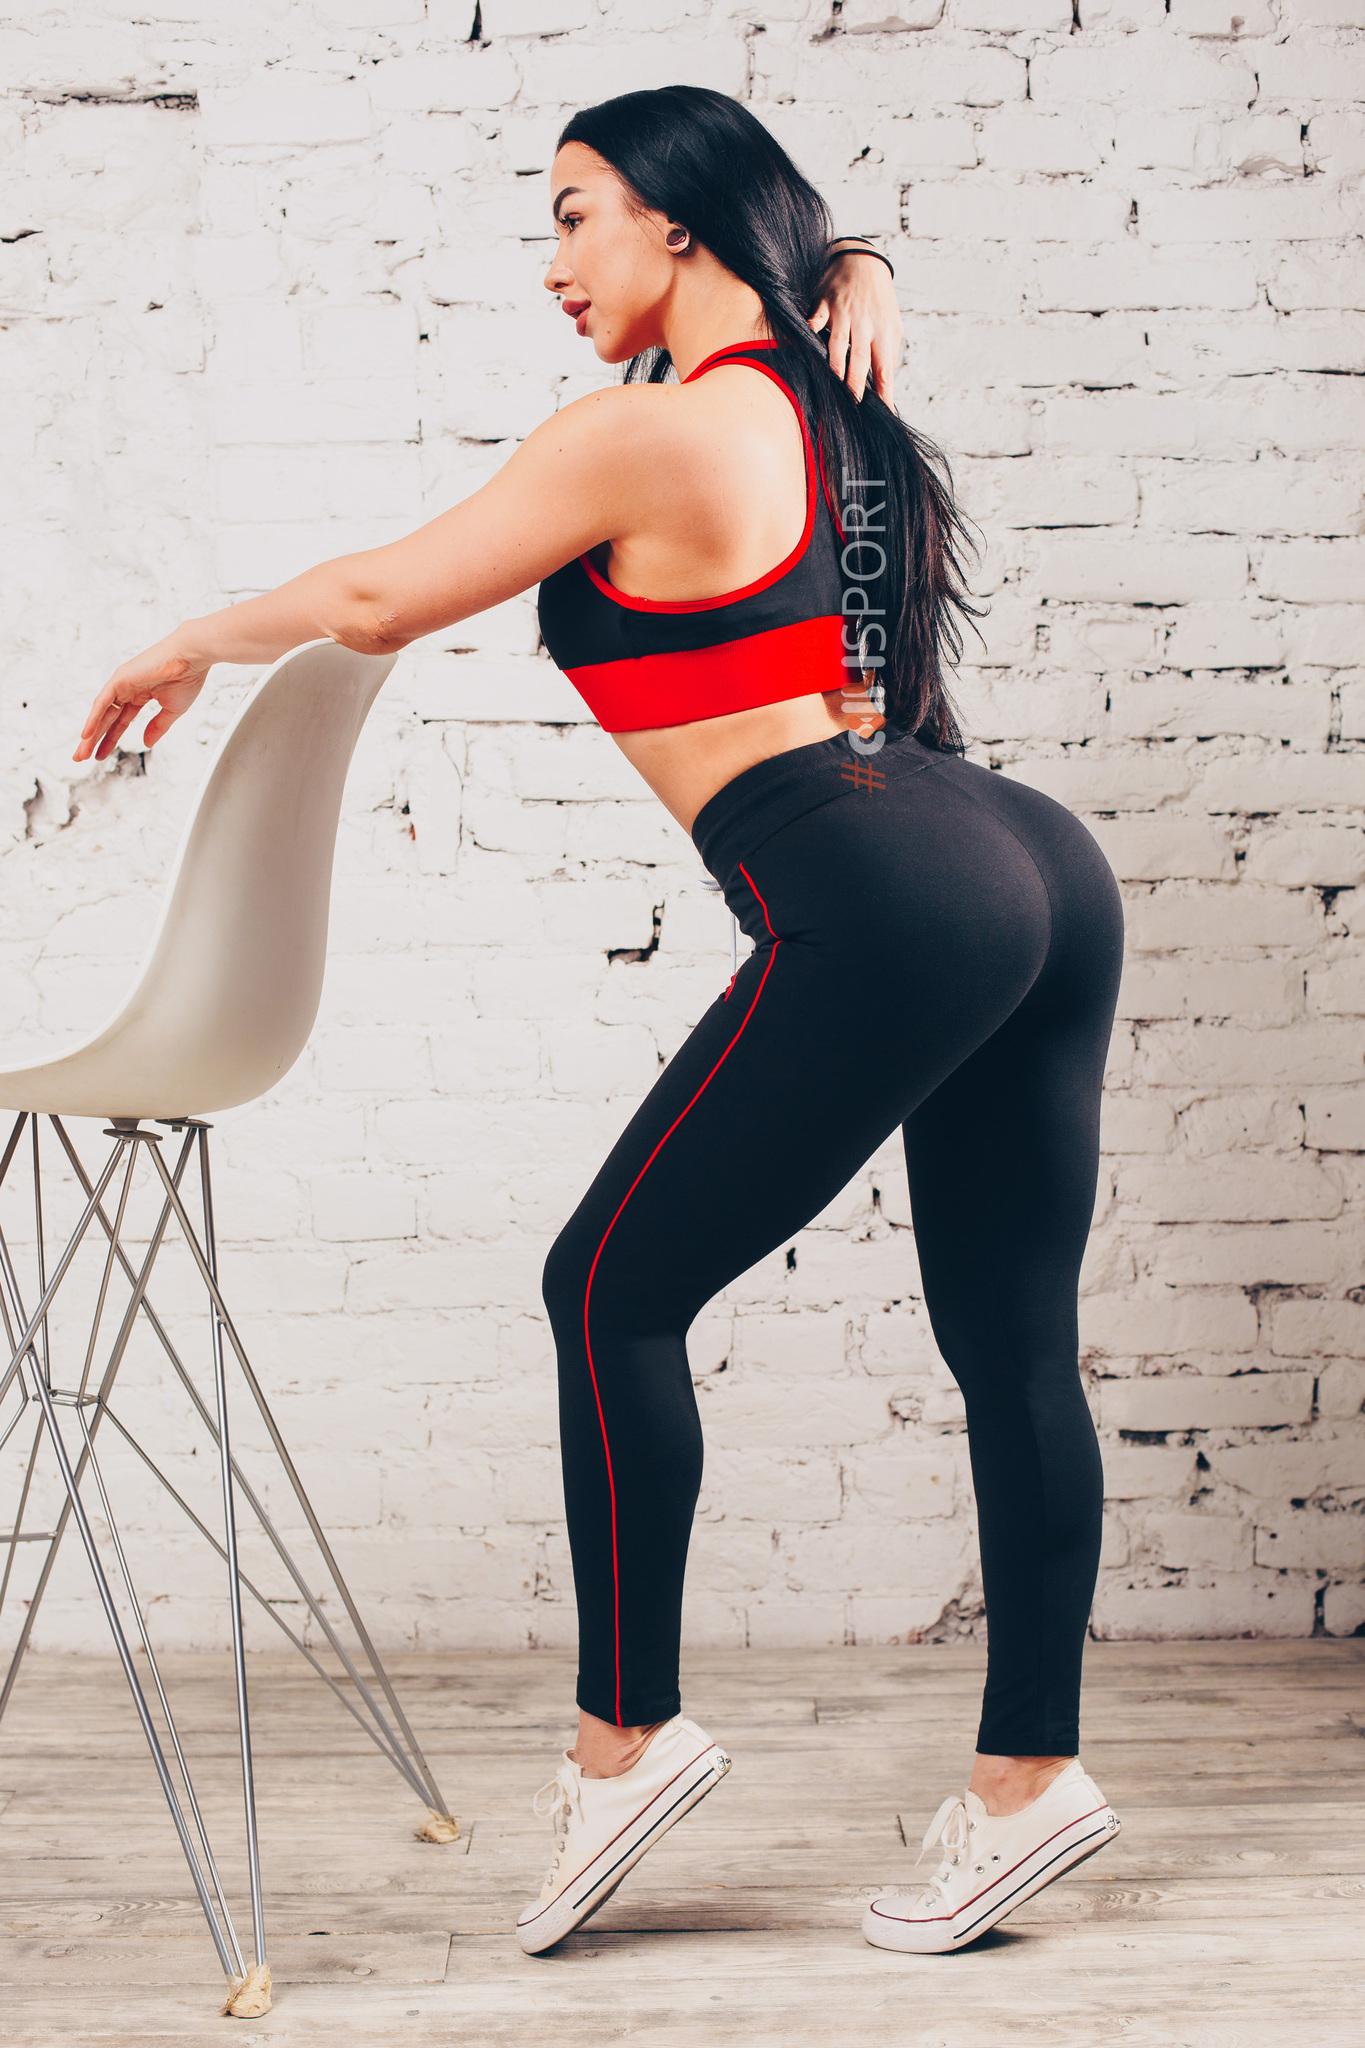 Женский топ Ryderwear BSX Sport Bra Black